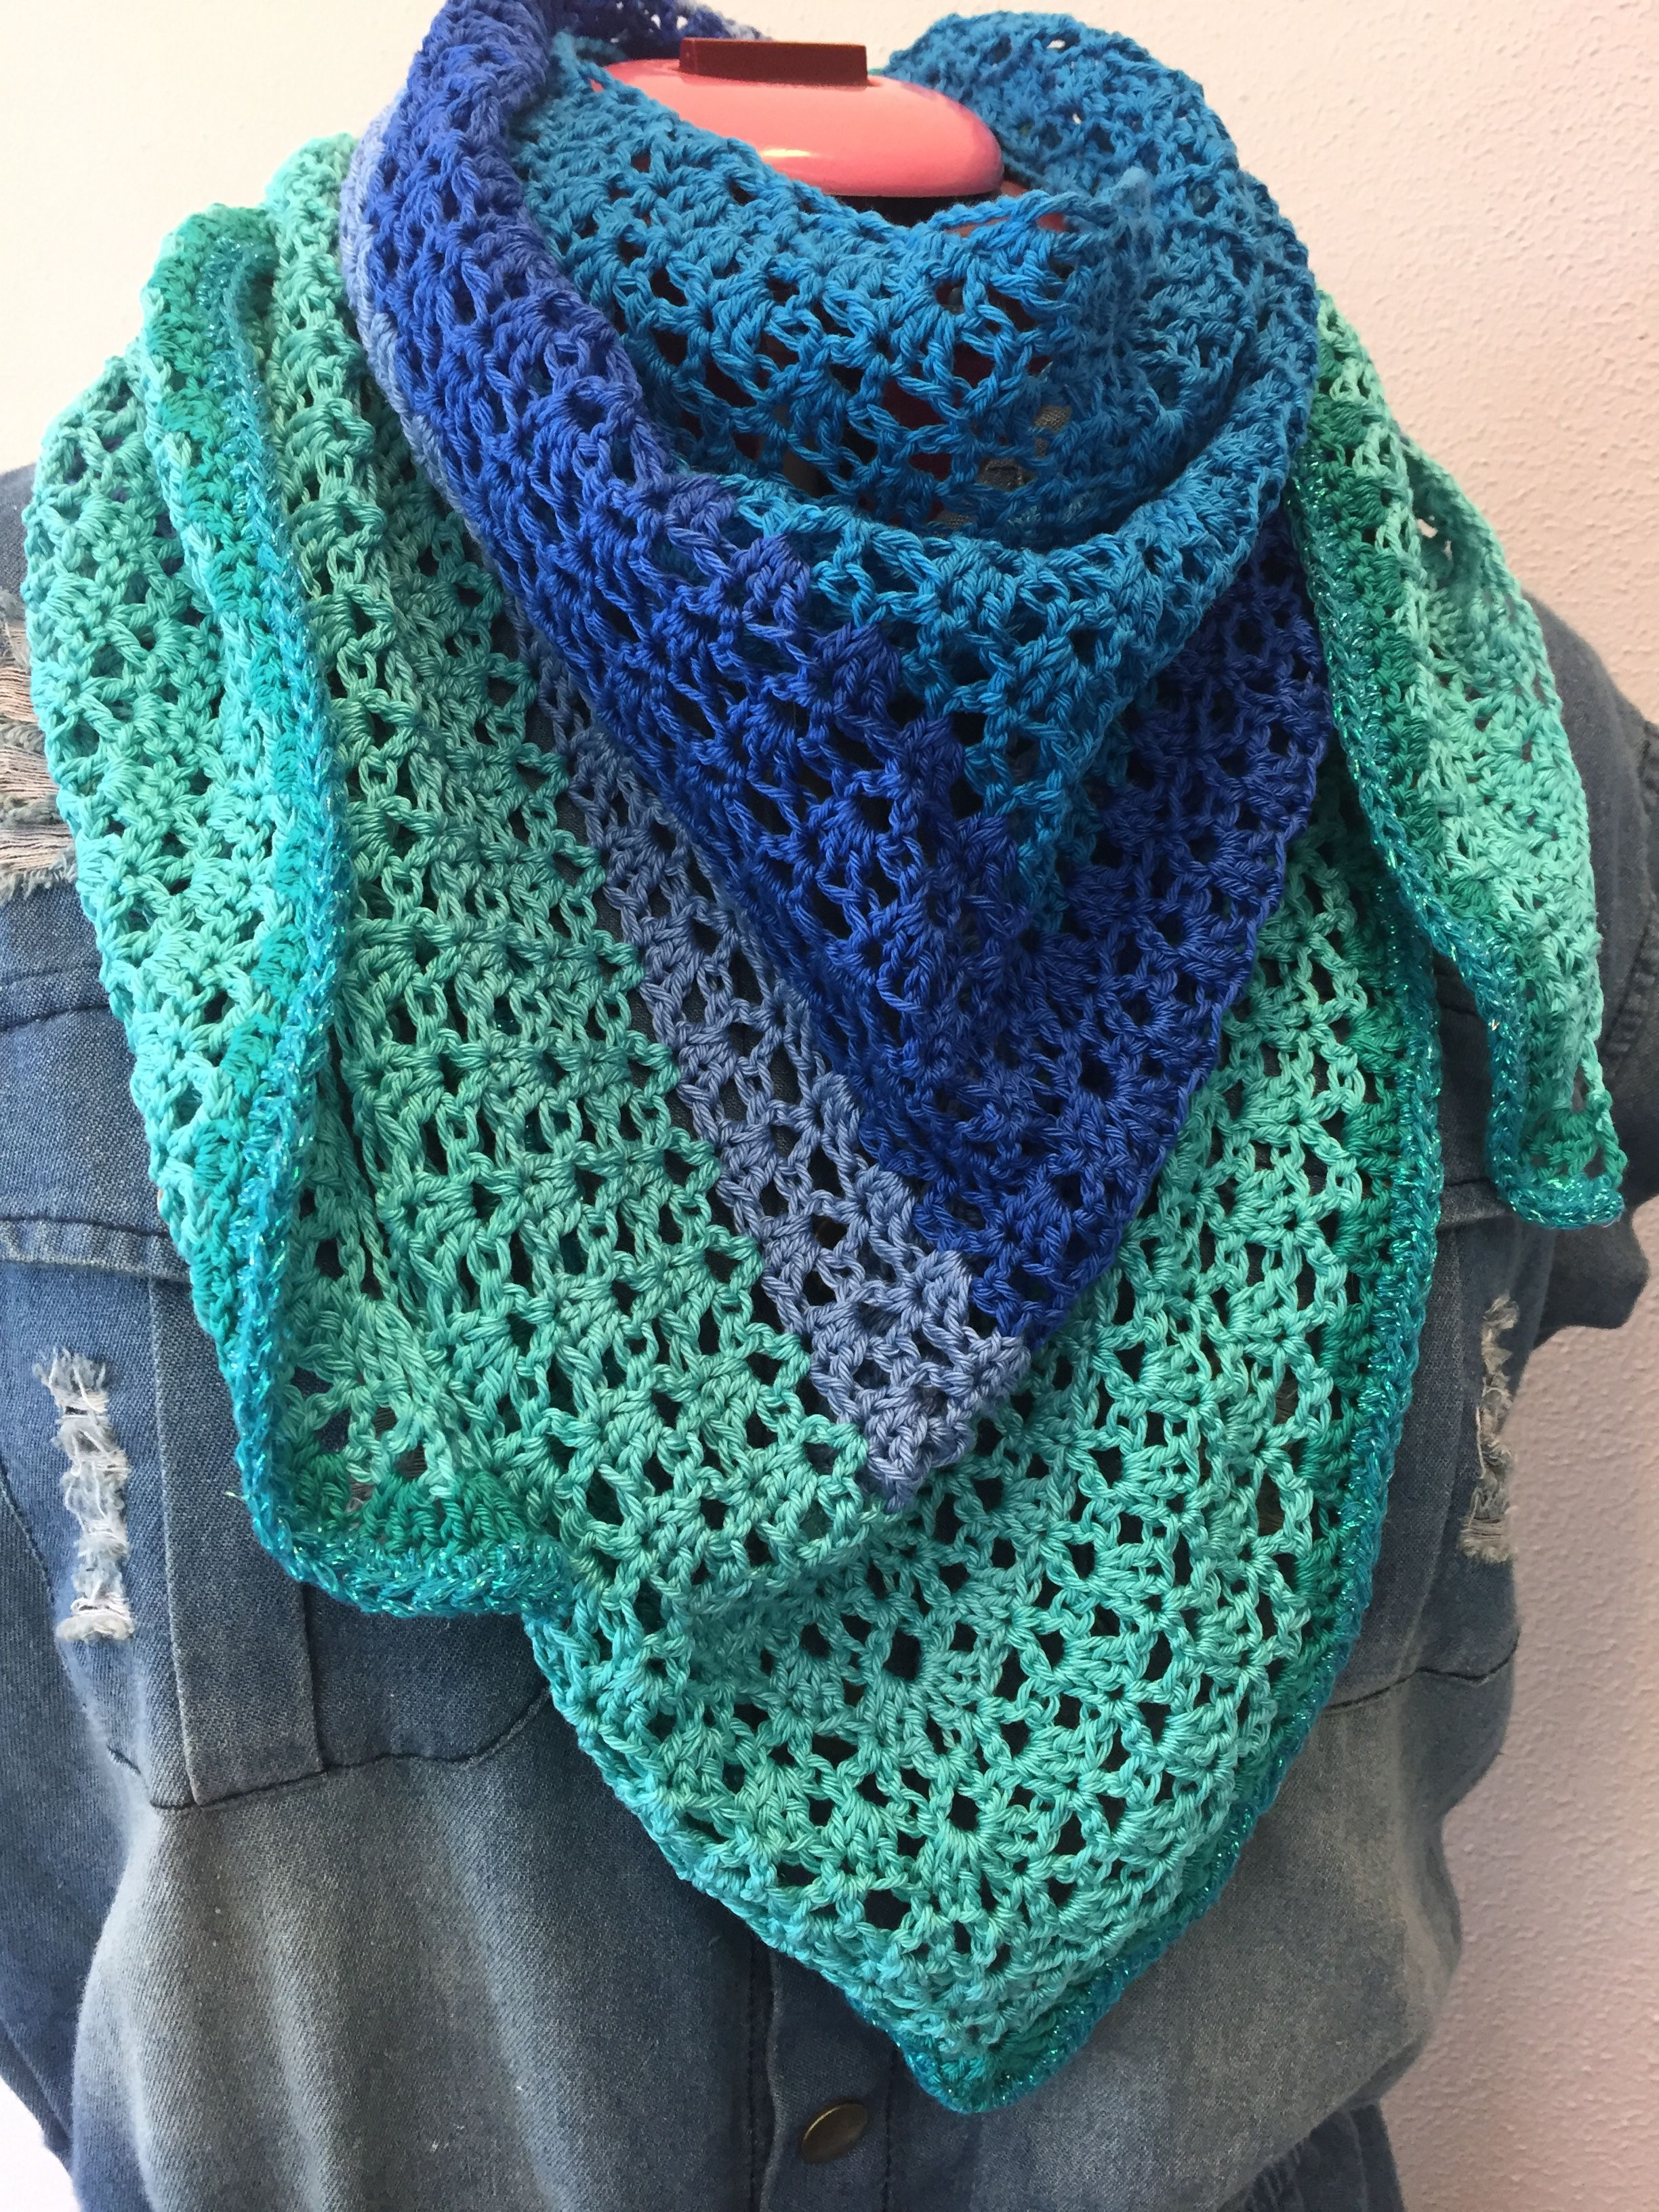 Bekend Haakpatroon omslagsjaal | tricotaje si crosetaje - Crochet scarves #VZ09